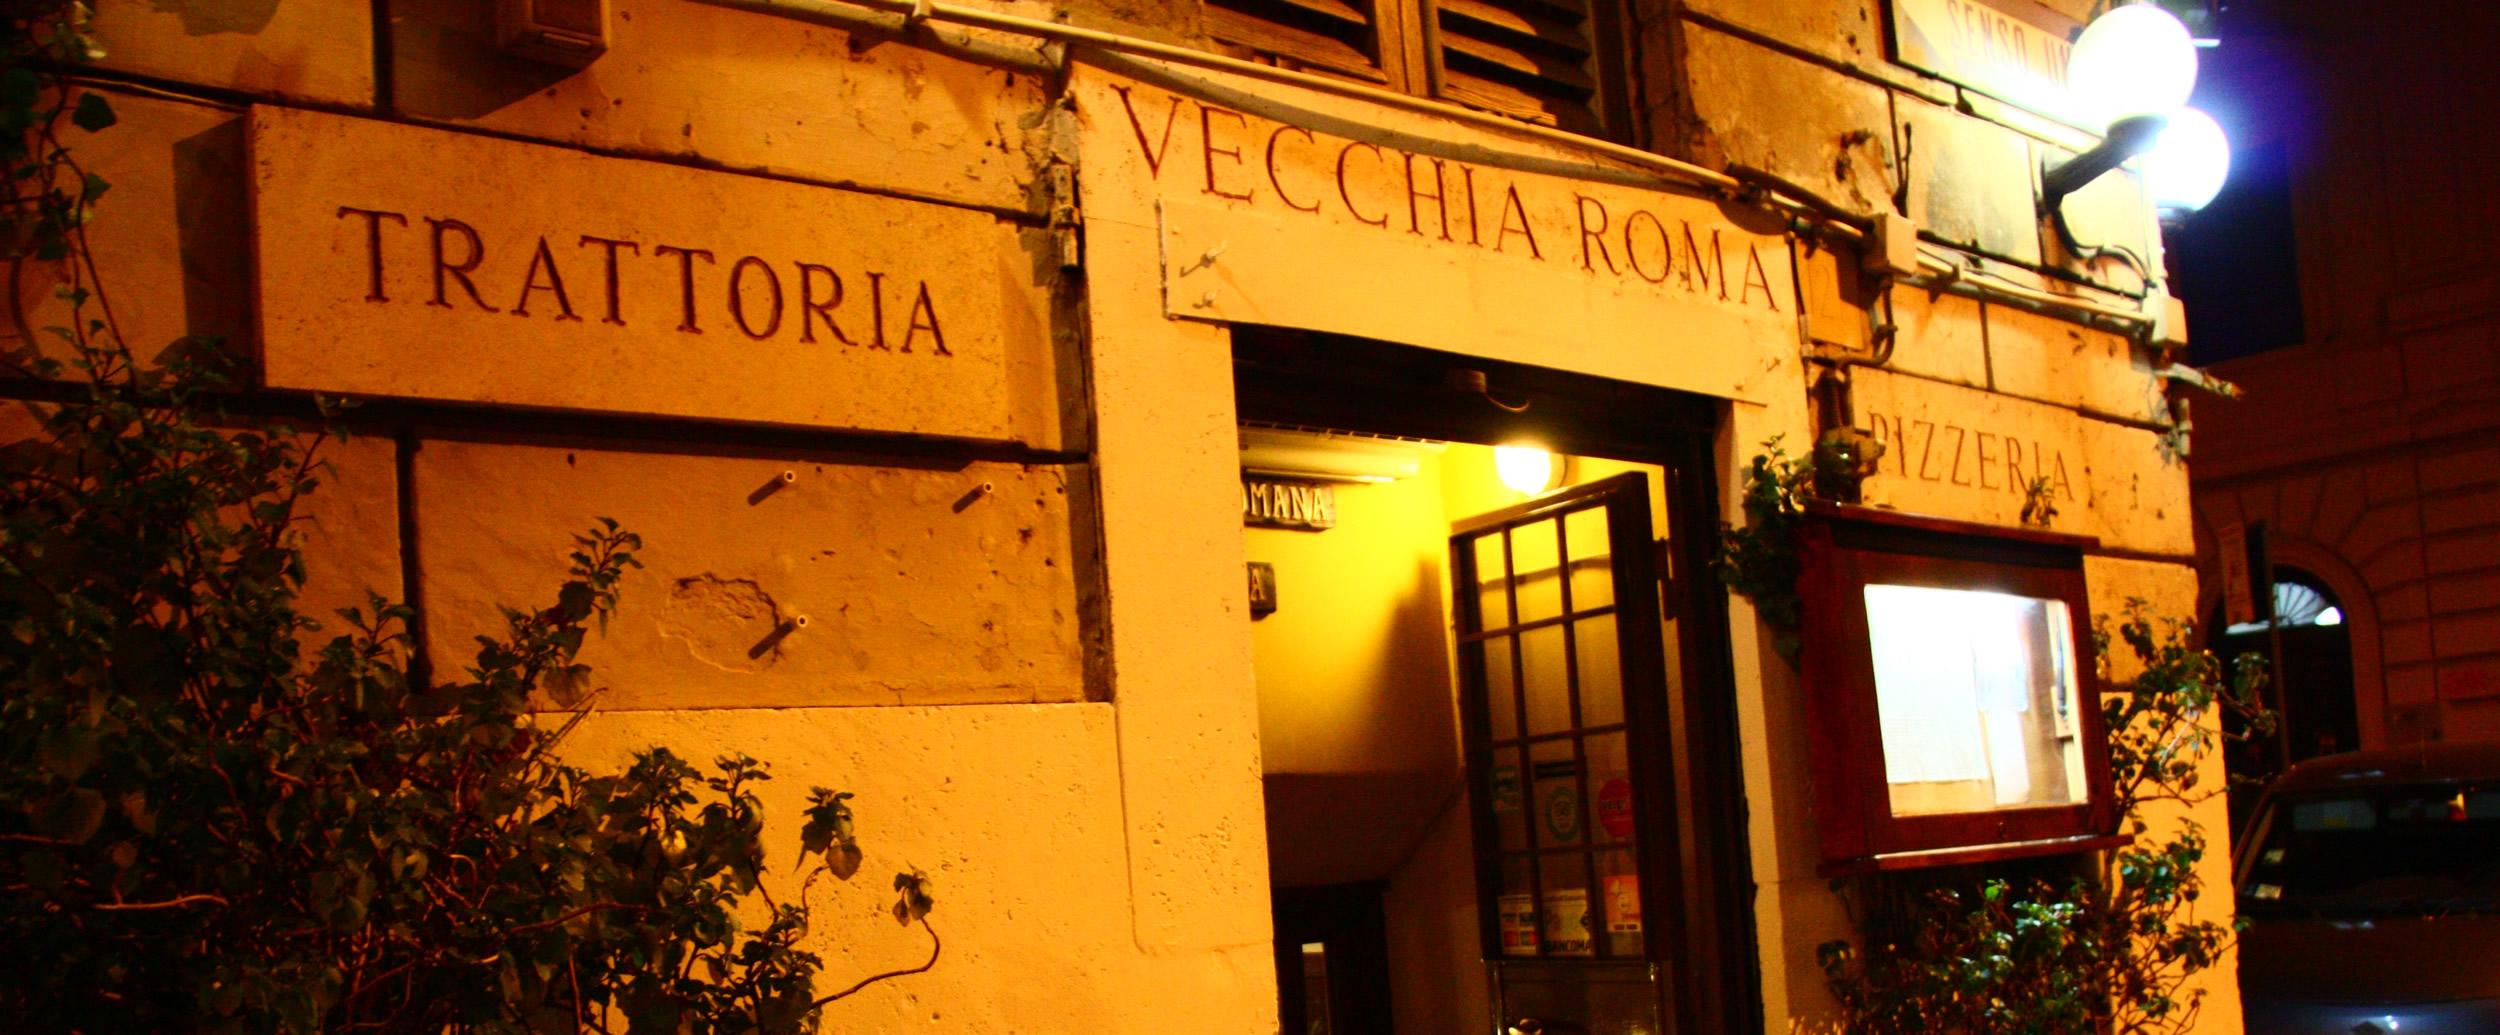 Trattoria vecchia roma reservation for La vecchia roma ristorante roma